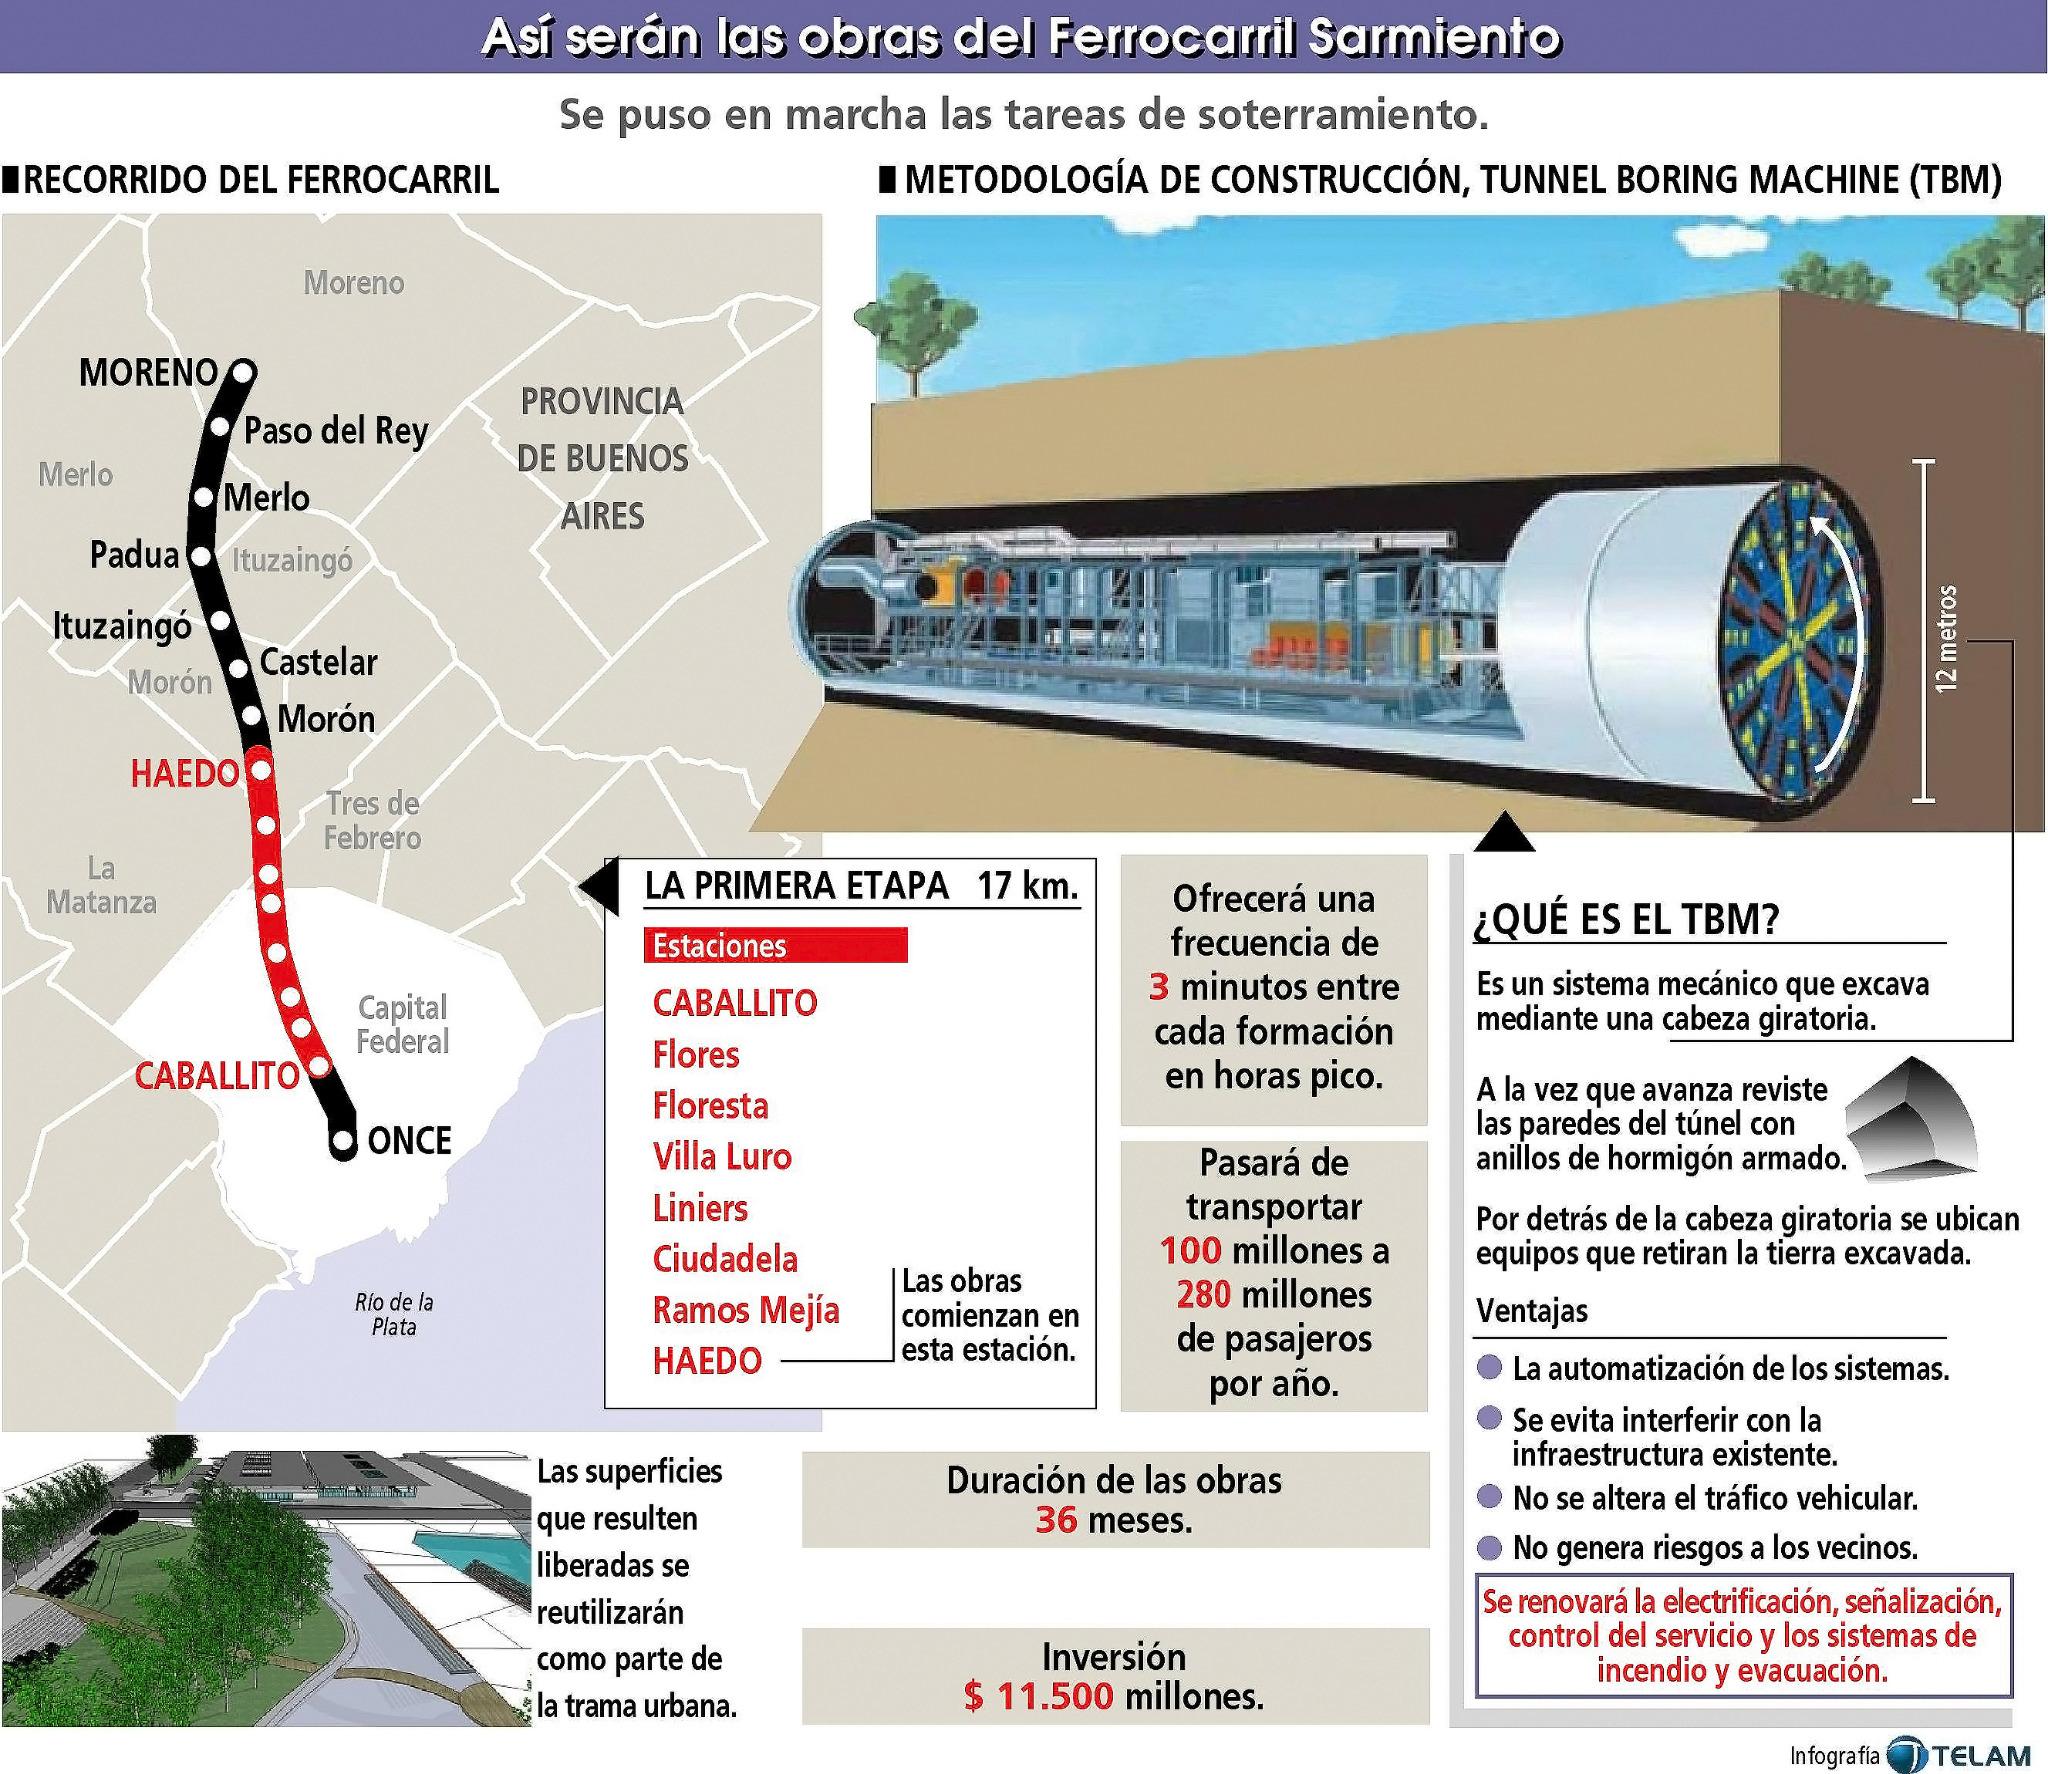 Cómo serán las obras de soterramiento del ferrocarril Sarmiento 'Argentina'. http://t.co/WjMvwxxP